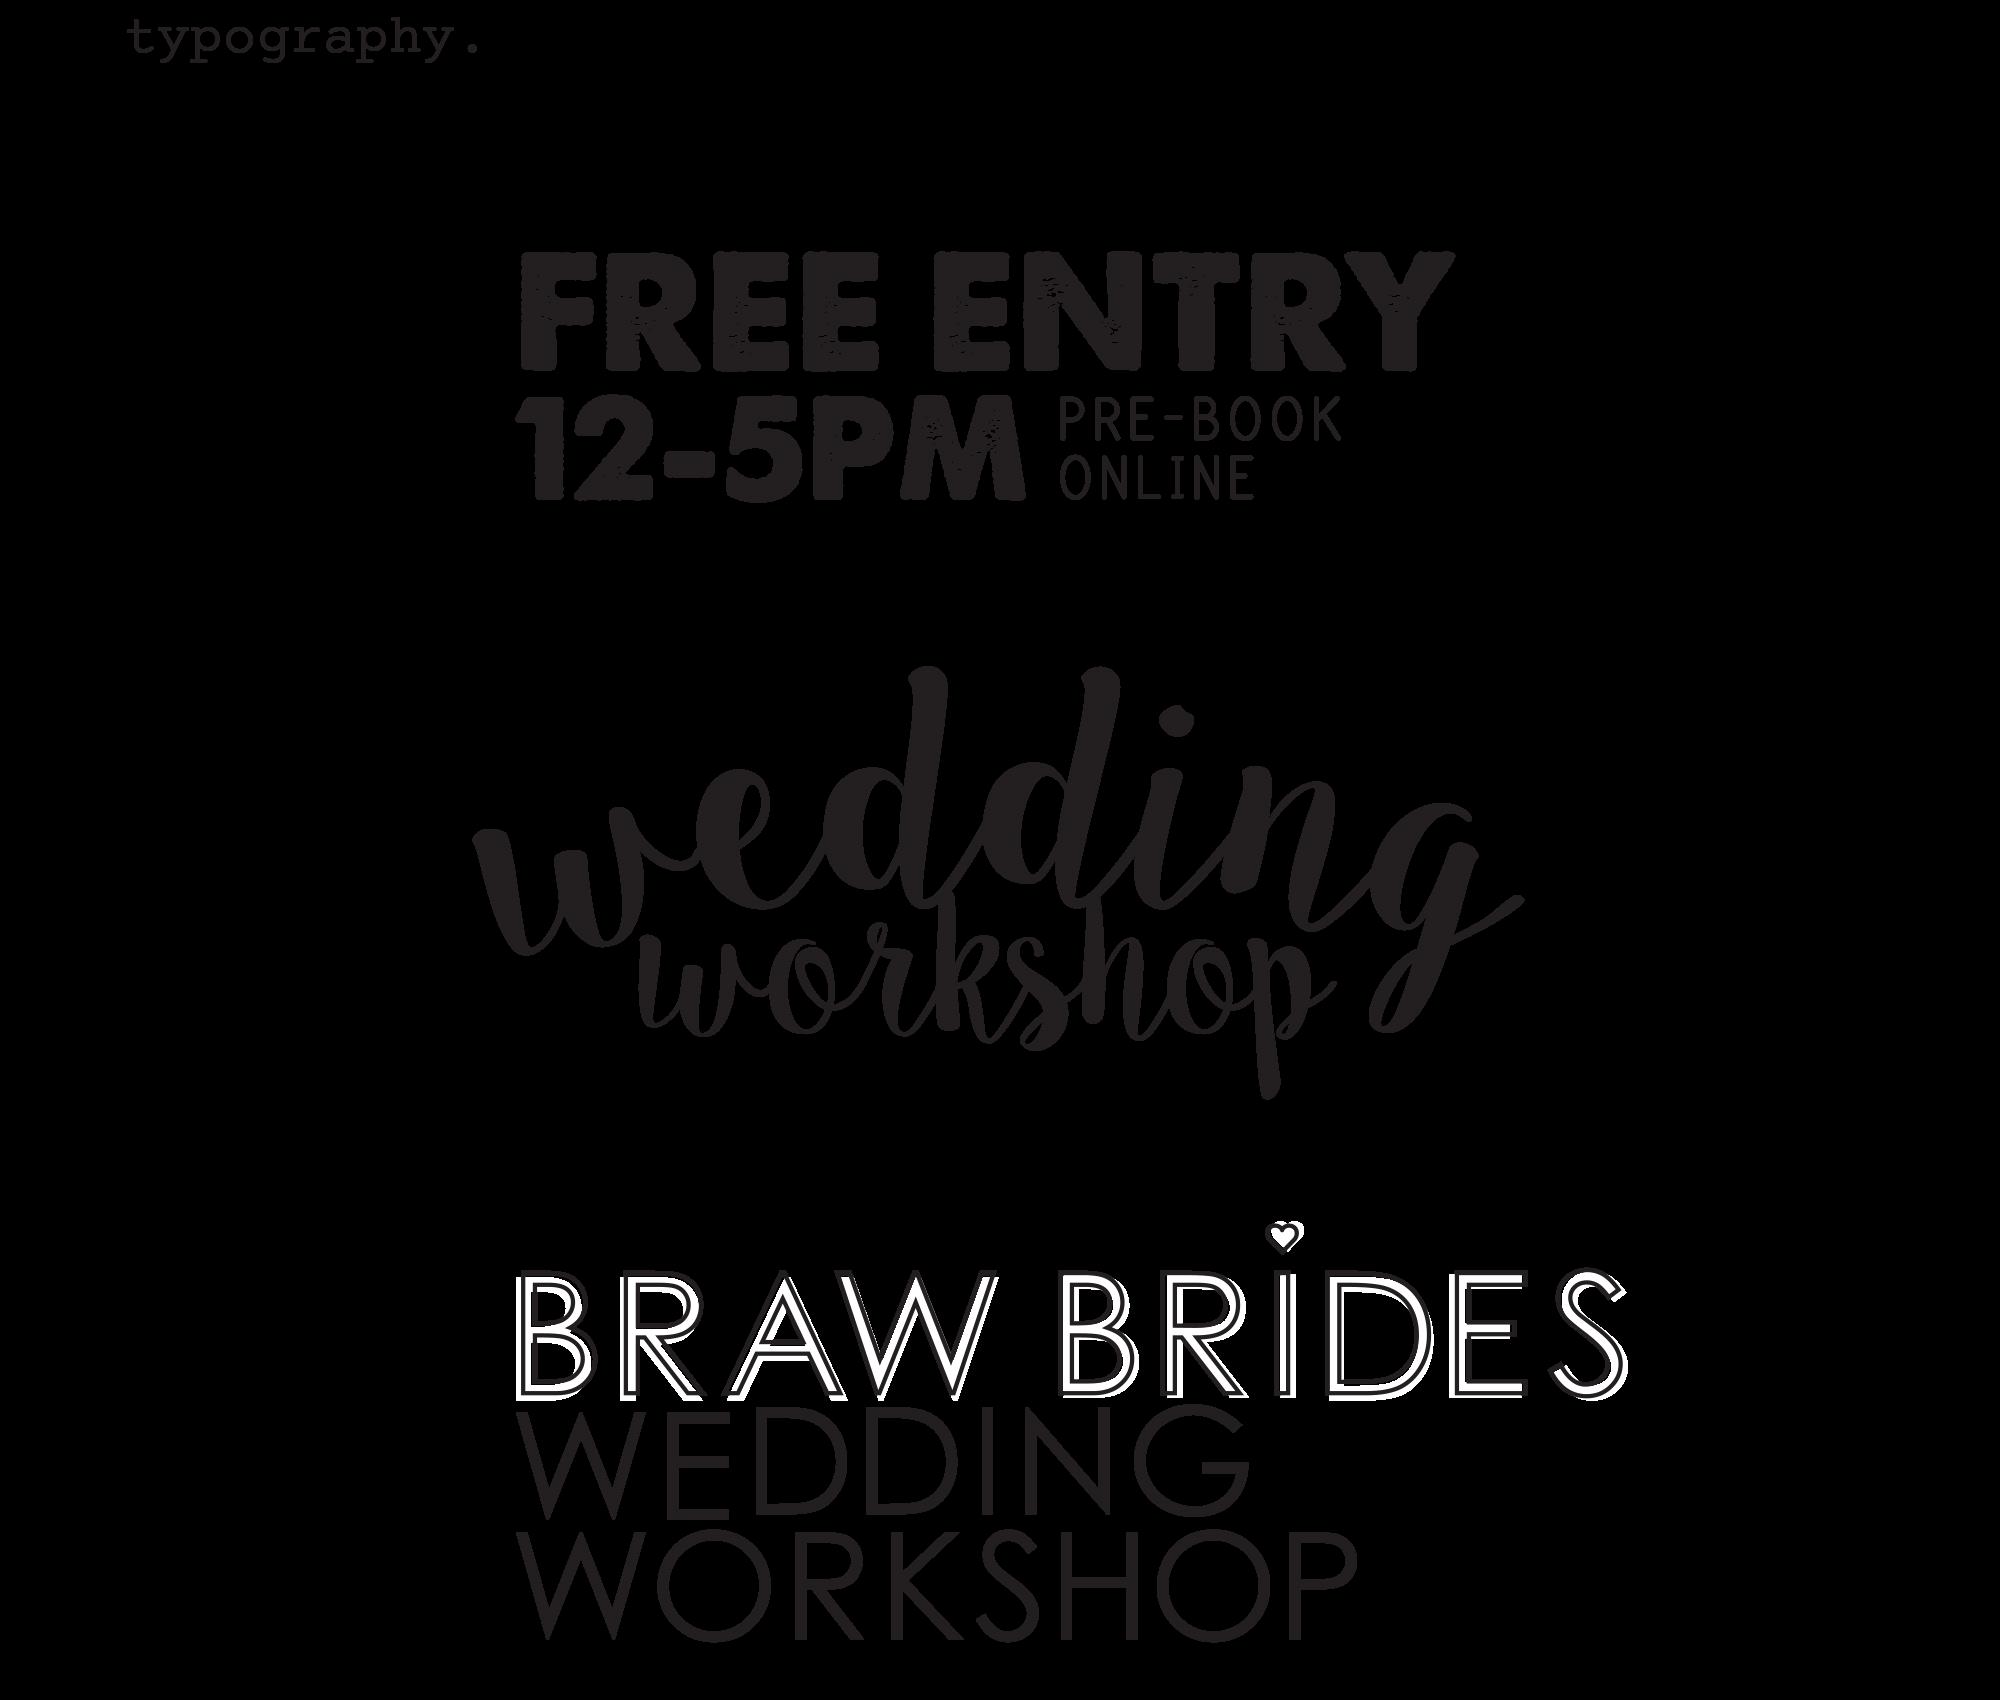 typography-graphic-design-glasgow-wedding-workshop-braw-brides-walnut-wasp